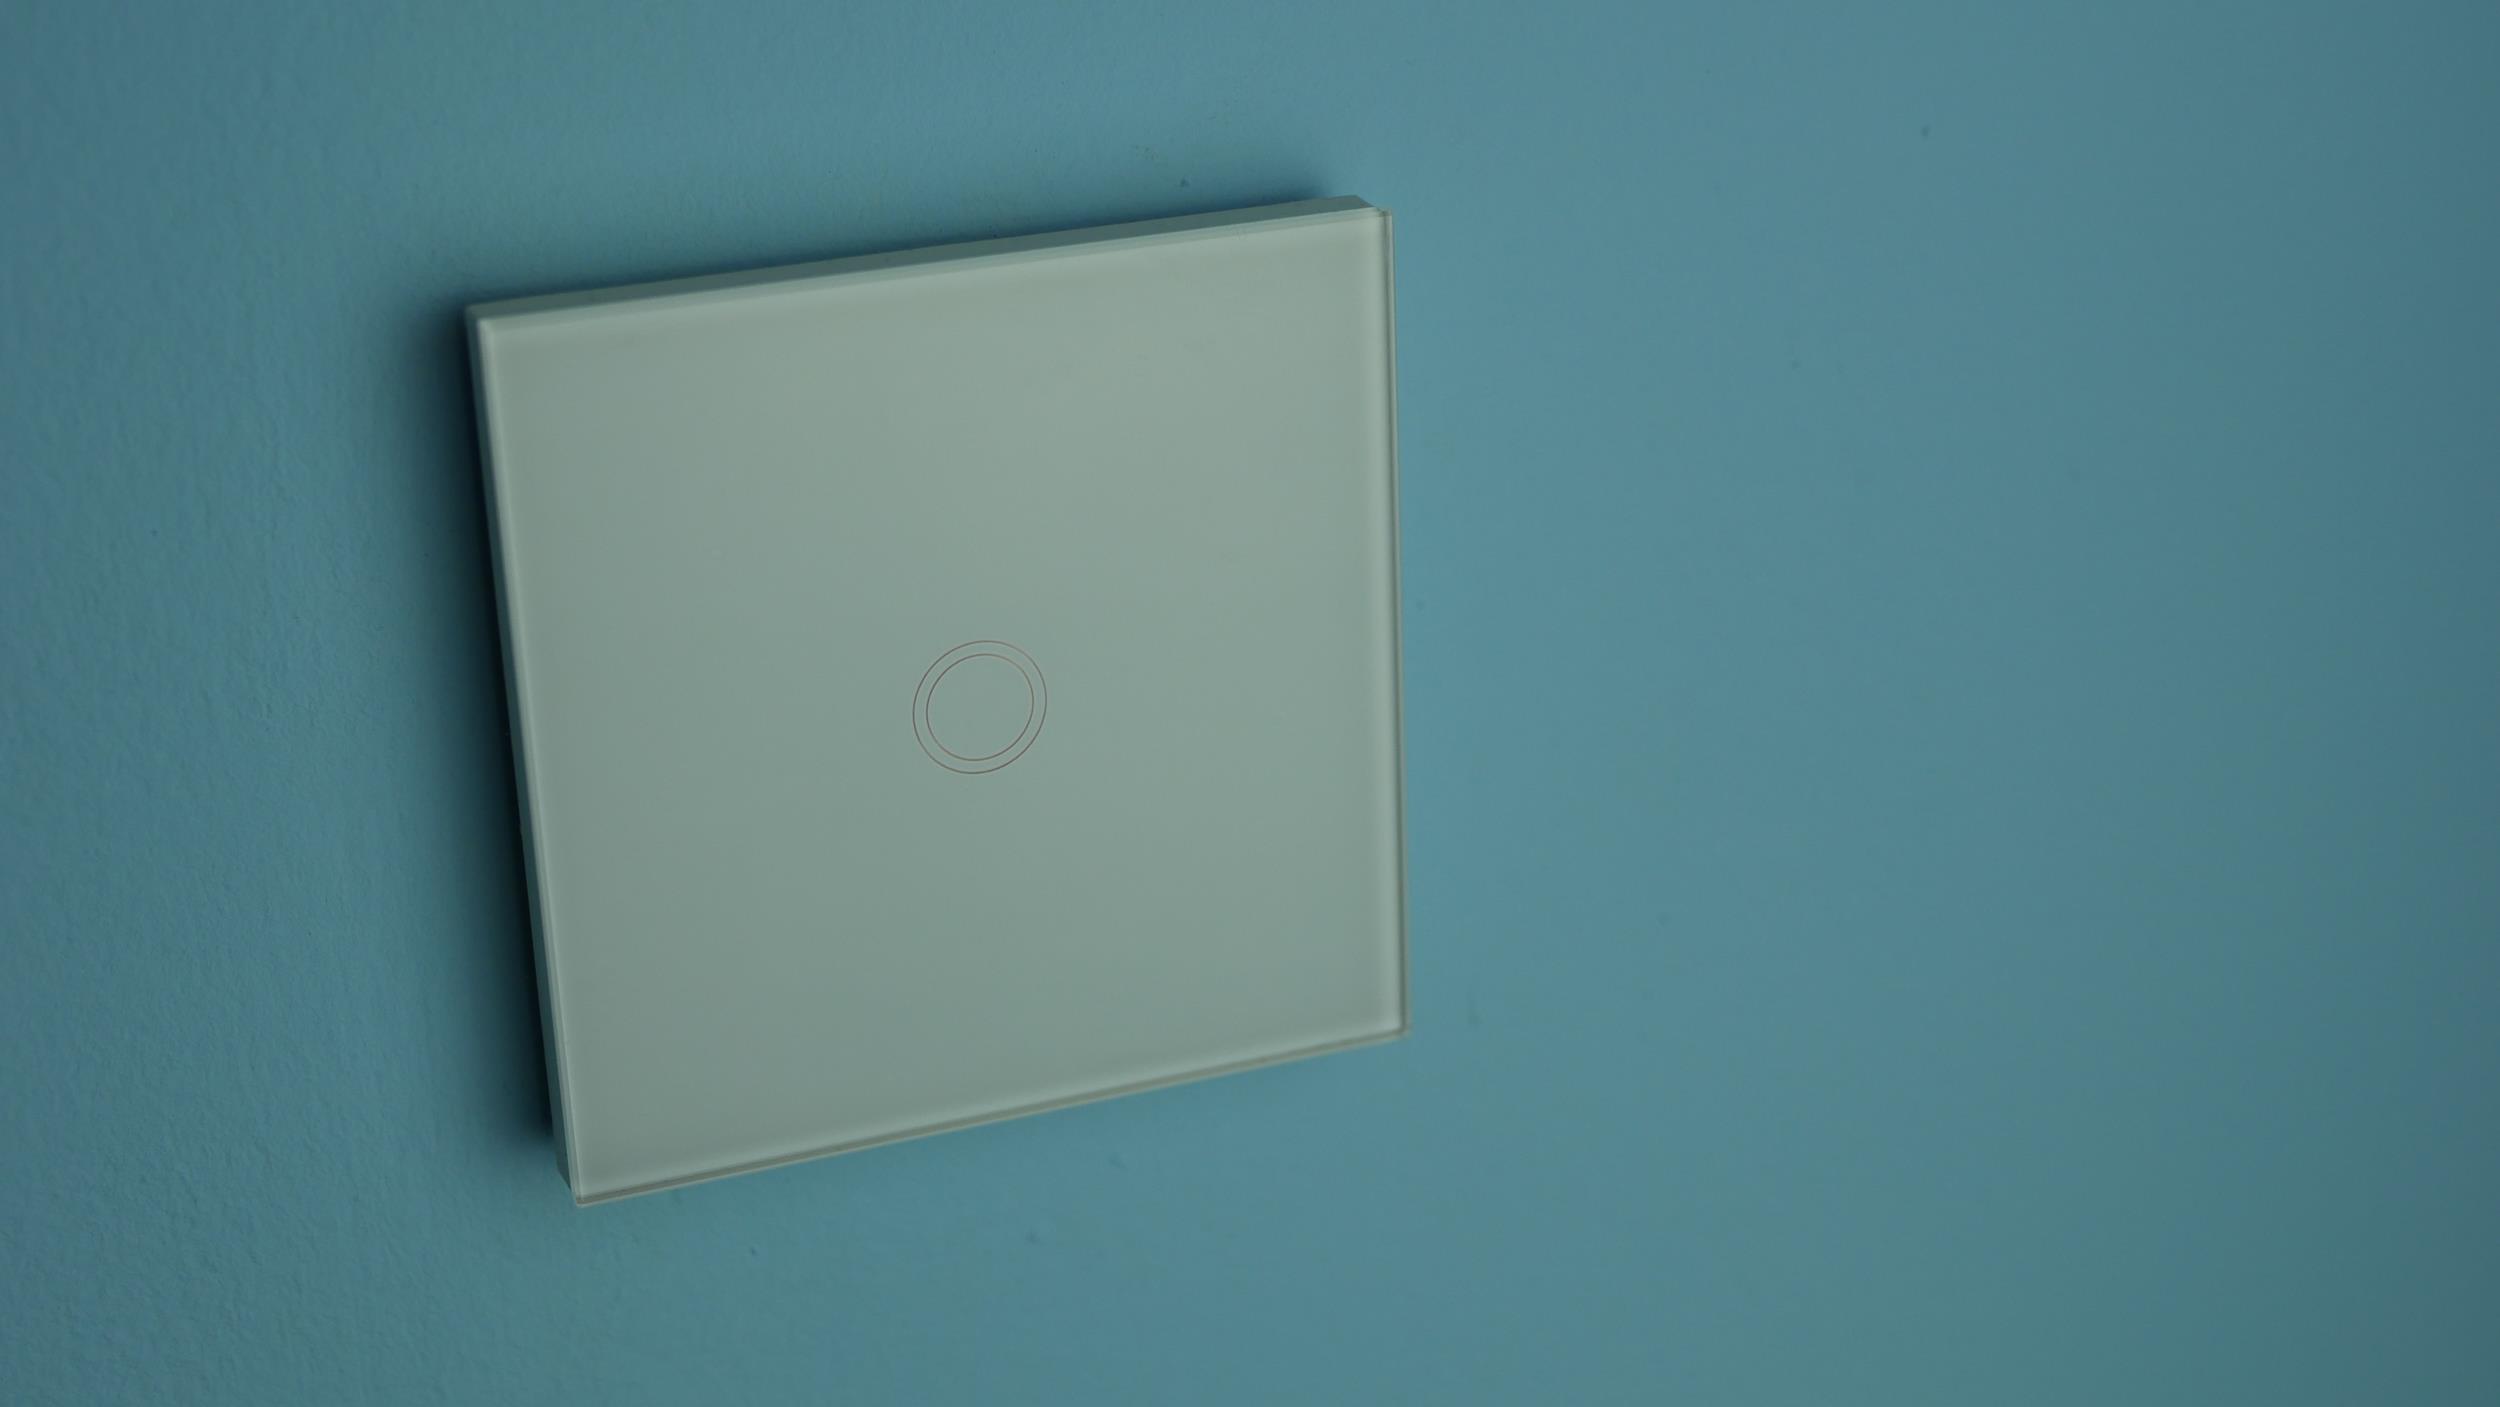 Włącznik światła B-Line / fot. Kacper Żarski